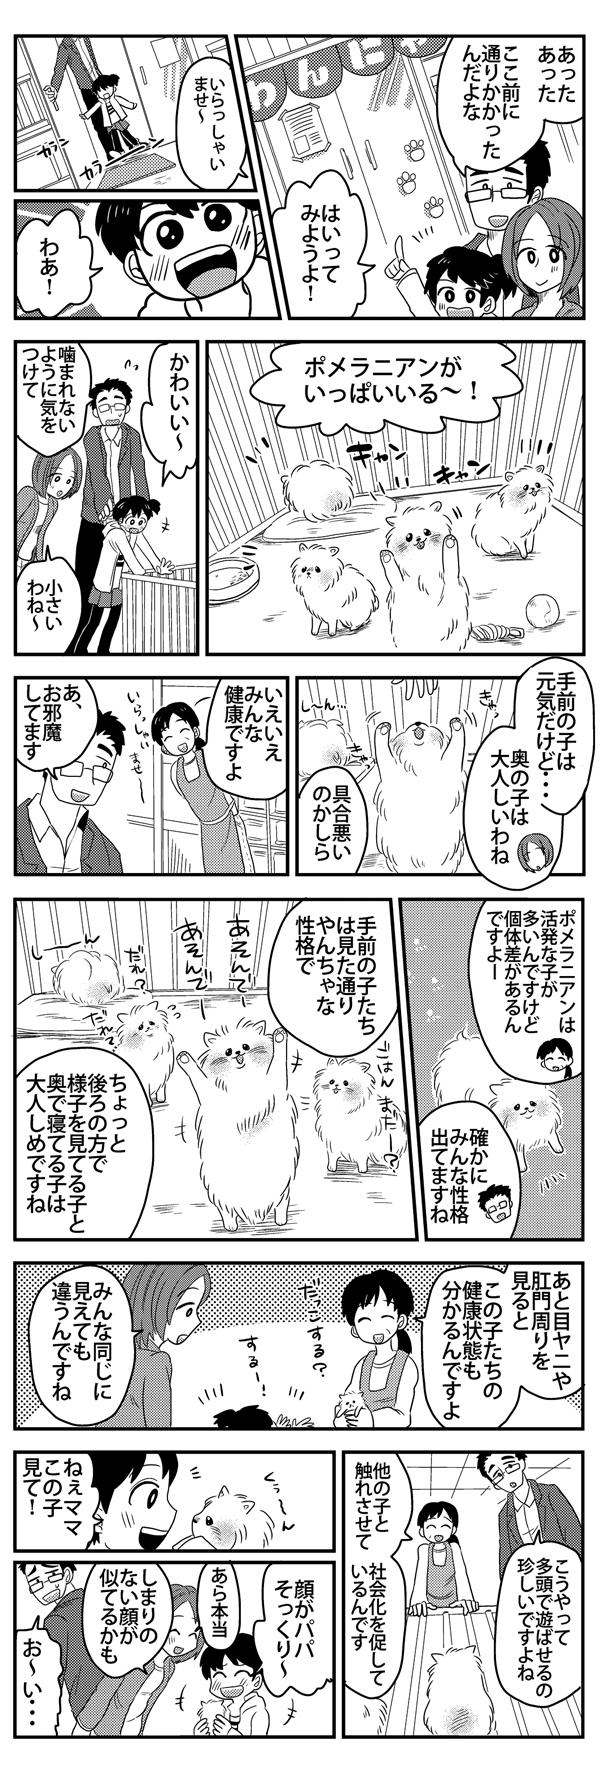 ポメラニアン漫画2